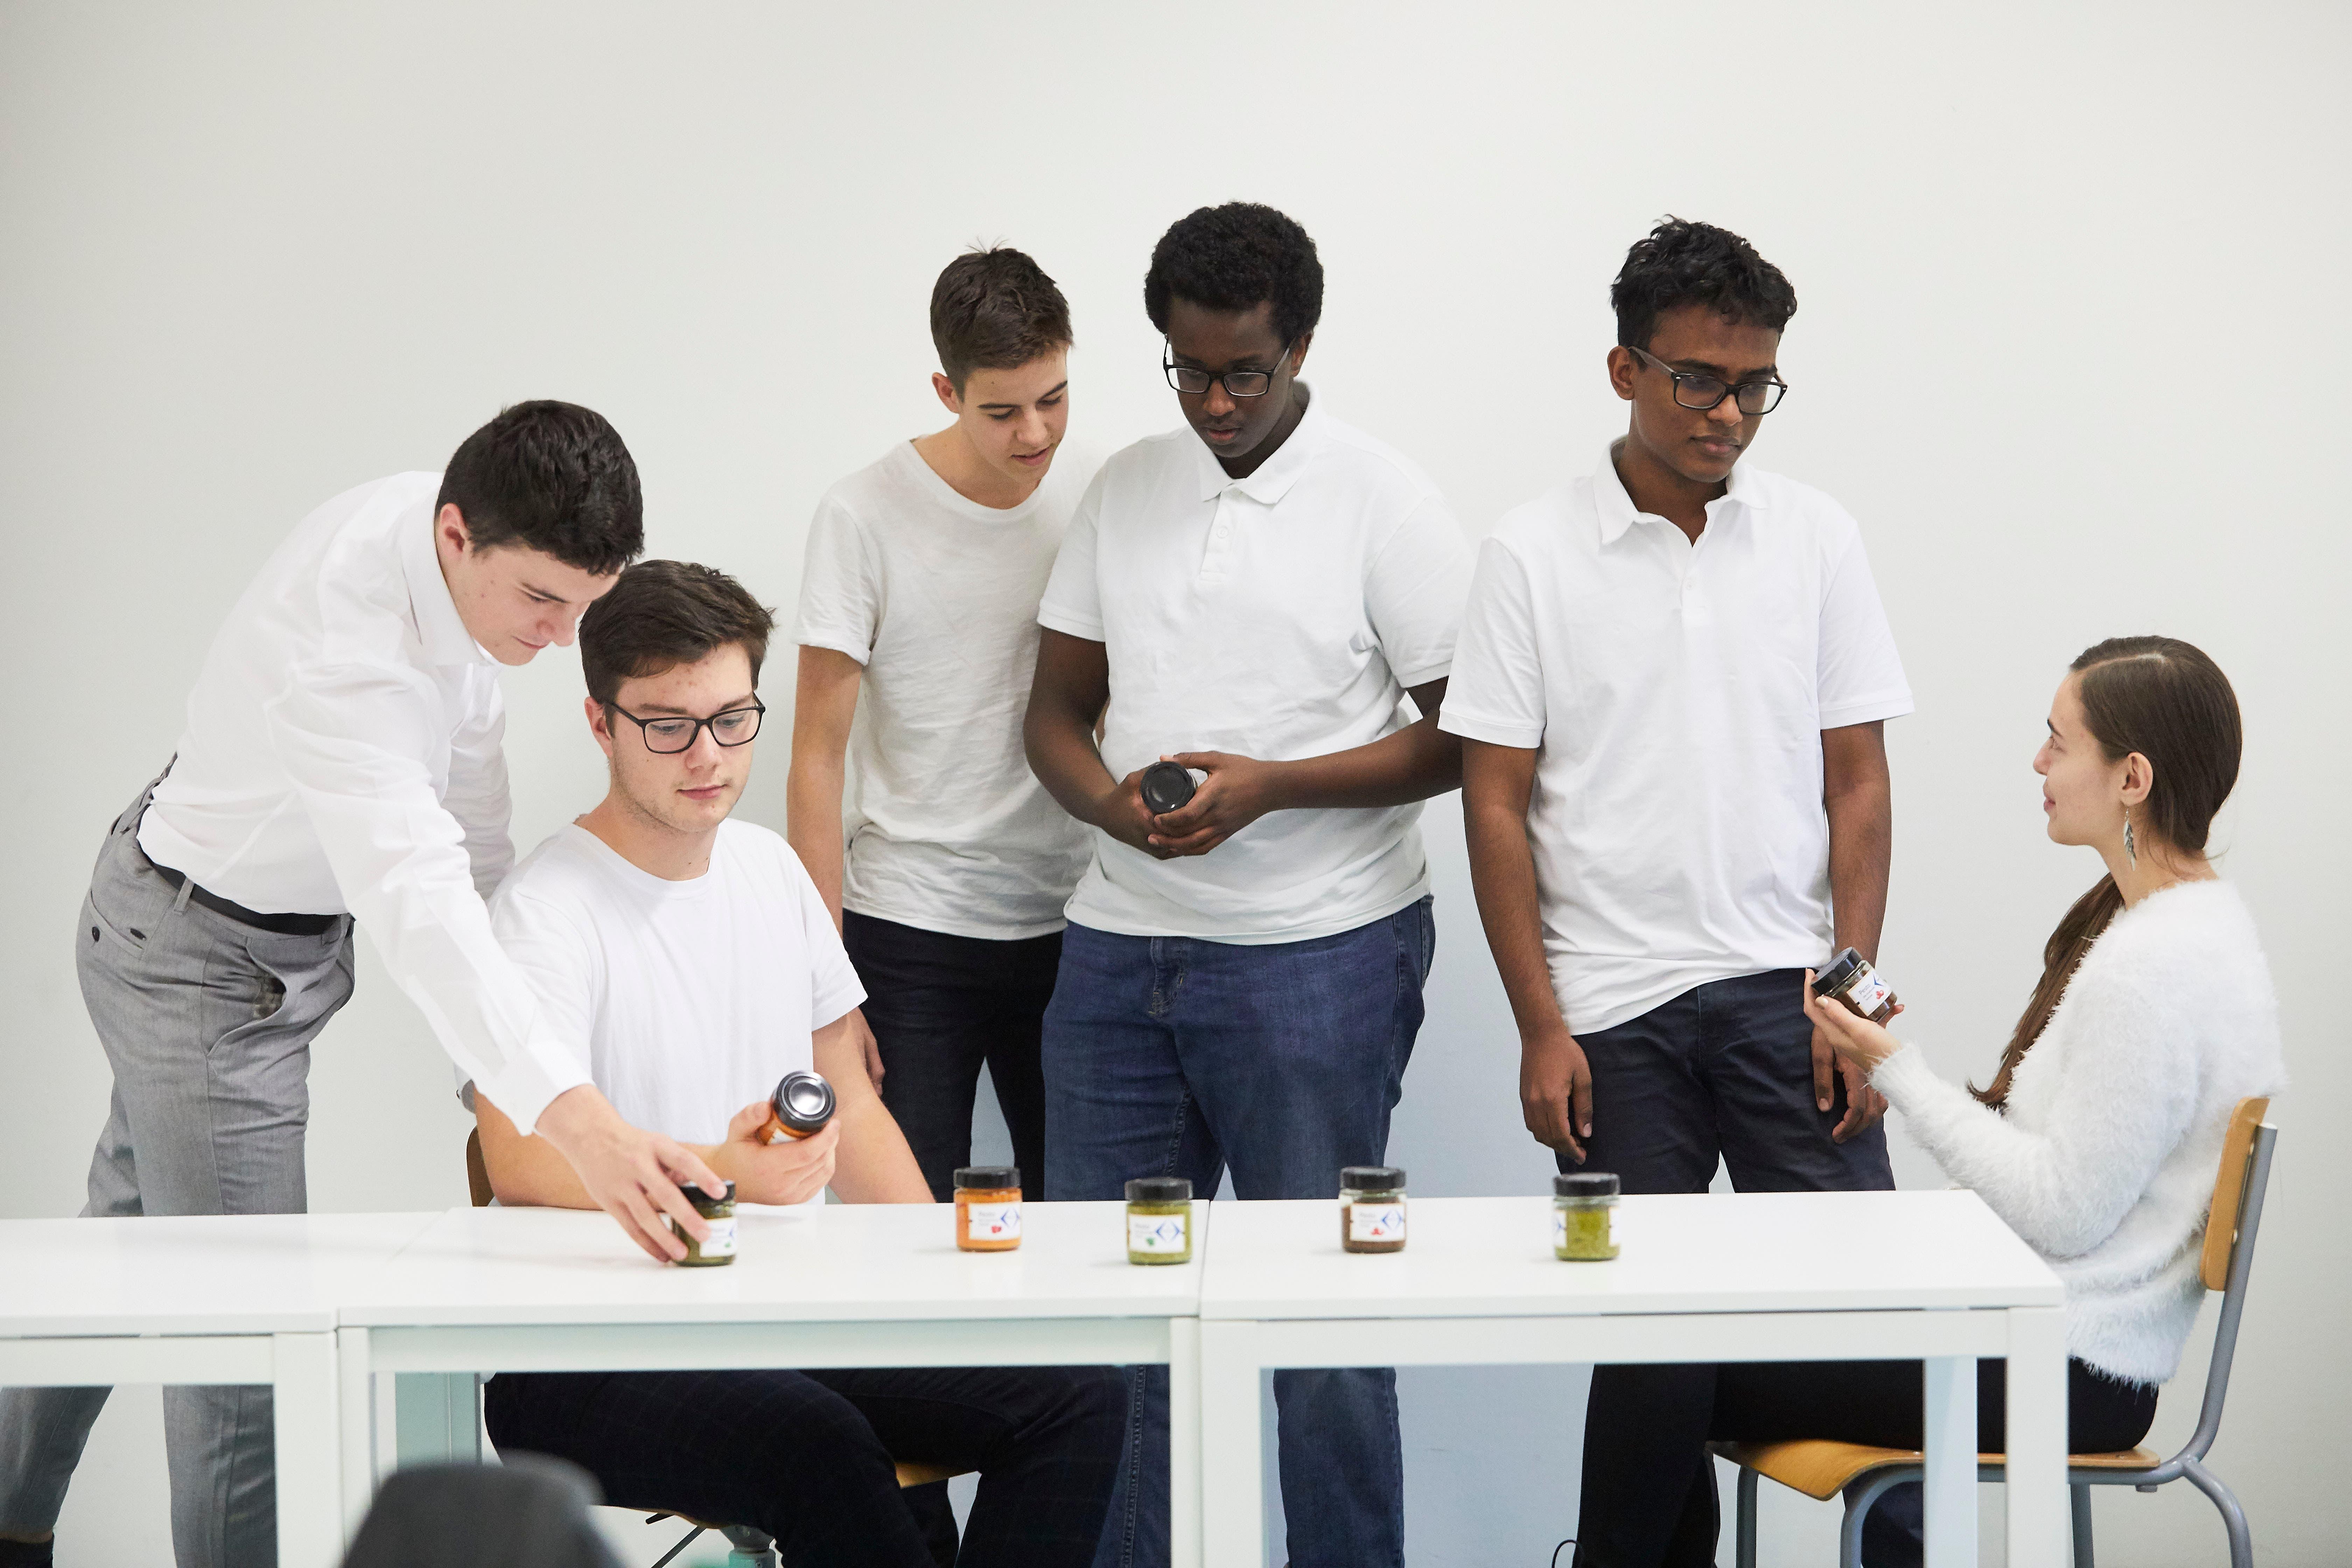 Das Mini-Unternehmen «Lusto» hat an Rezepten für Pestos getüftelt. Von links: Philipp Kron, Fabian König, Gian Greter, Abdirahman Cabdi Xassan, Abbinash Sathananthan und Ella Seeberger.